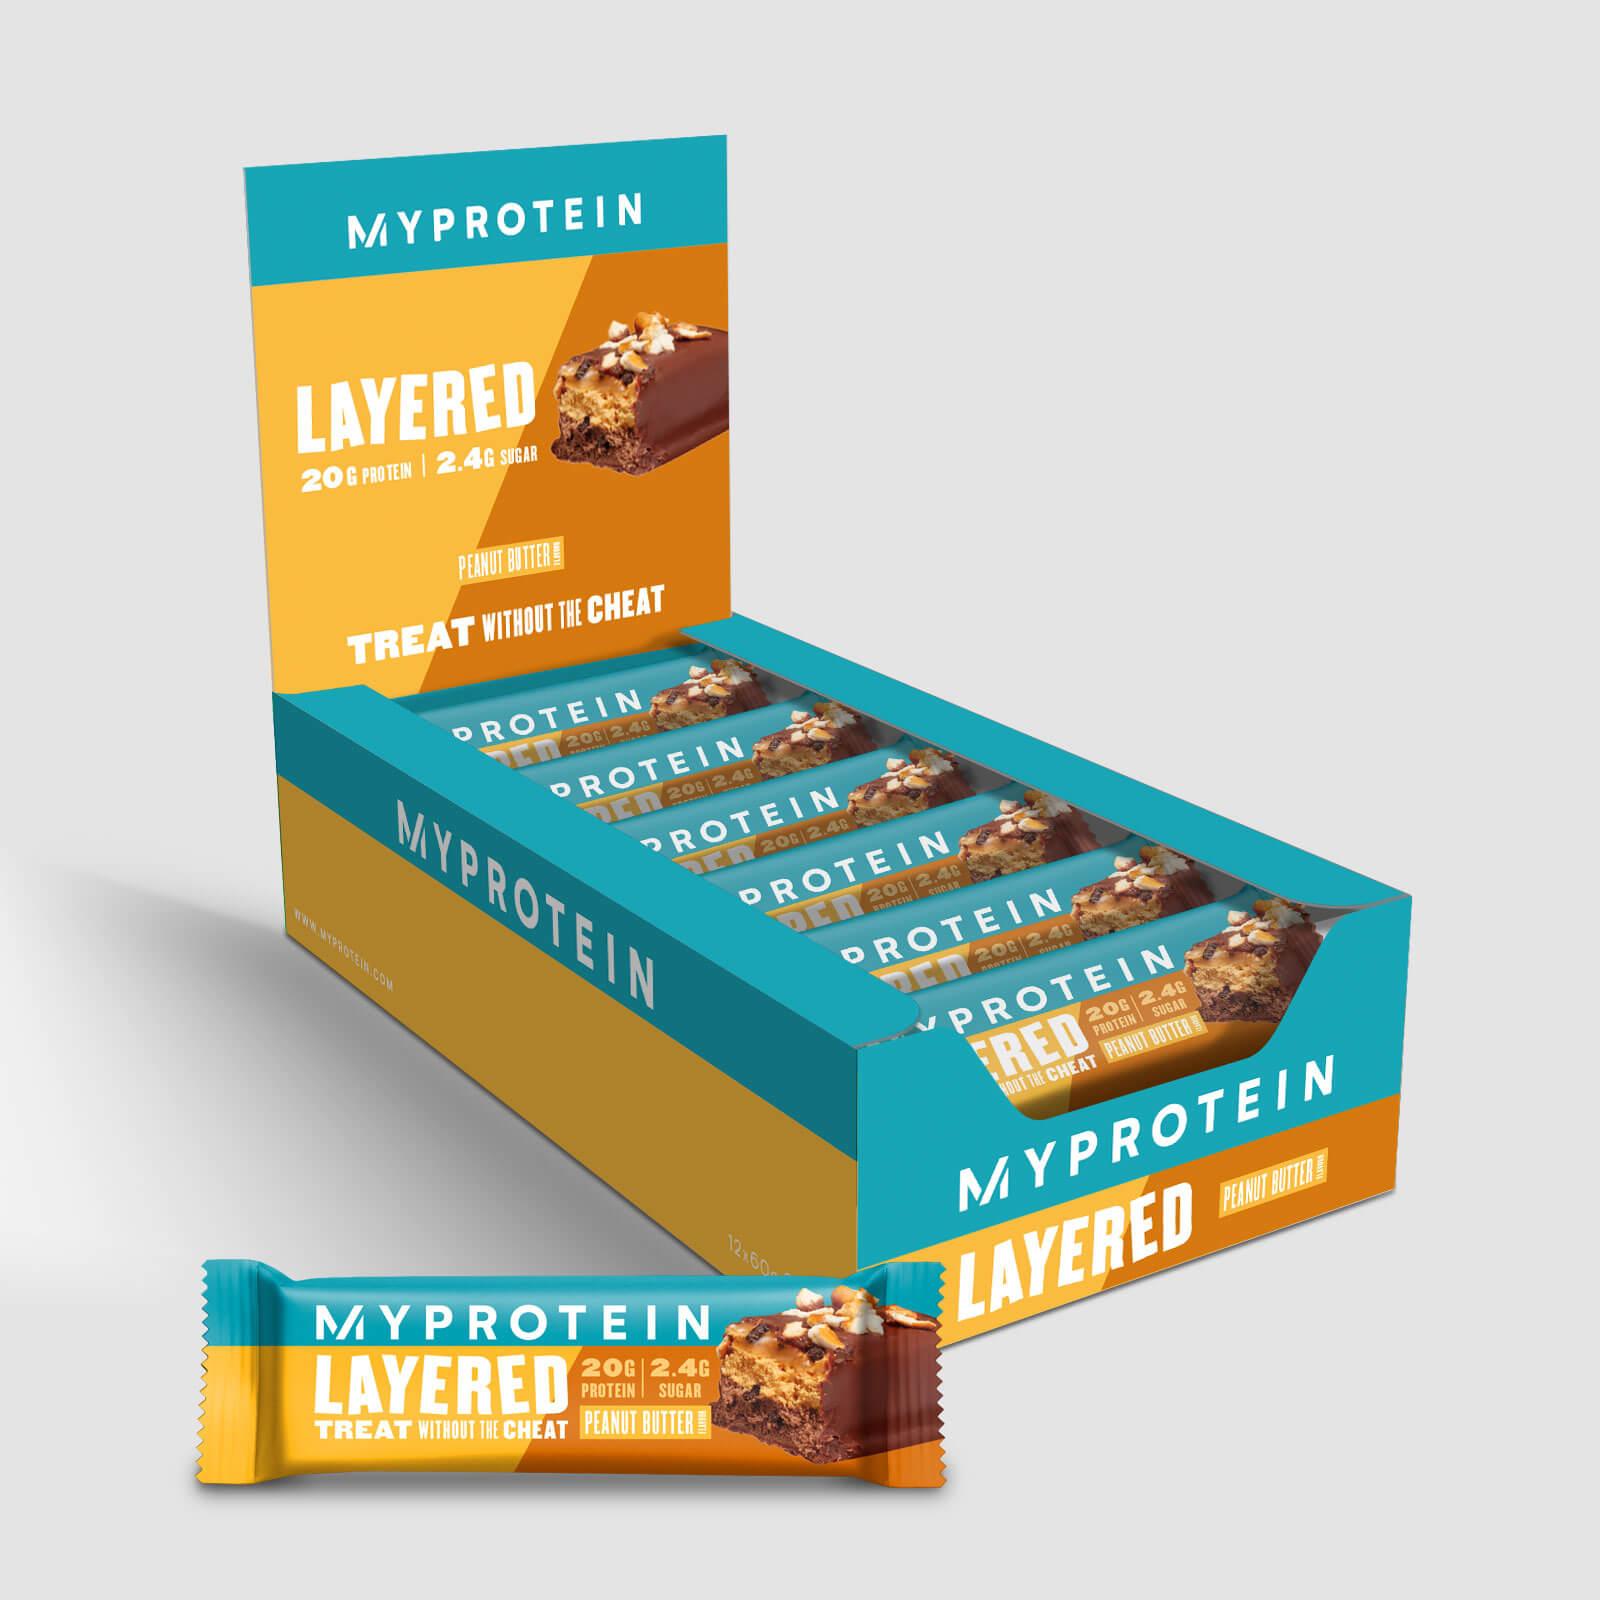 Myprotein Barre de protéines à 6 couches - Beurre d'arachides